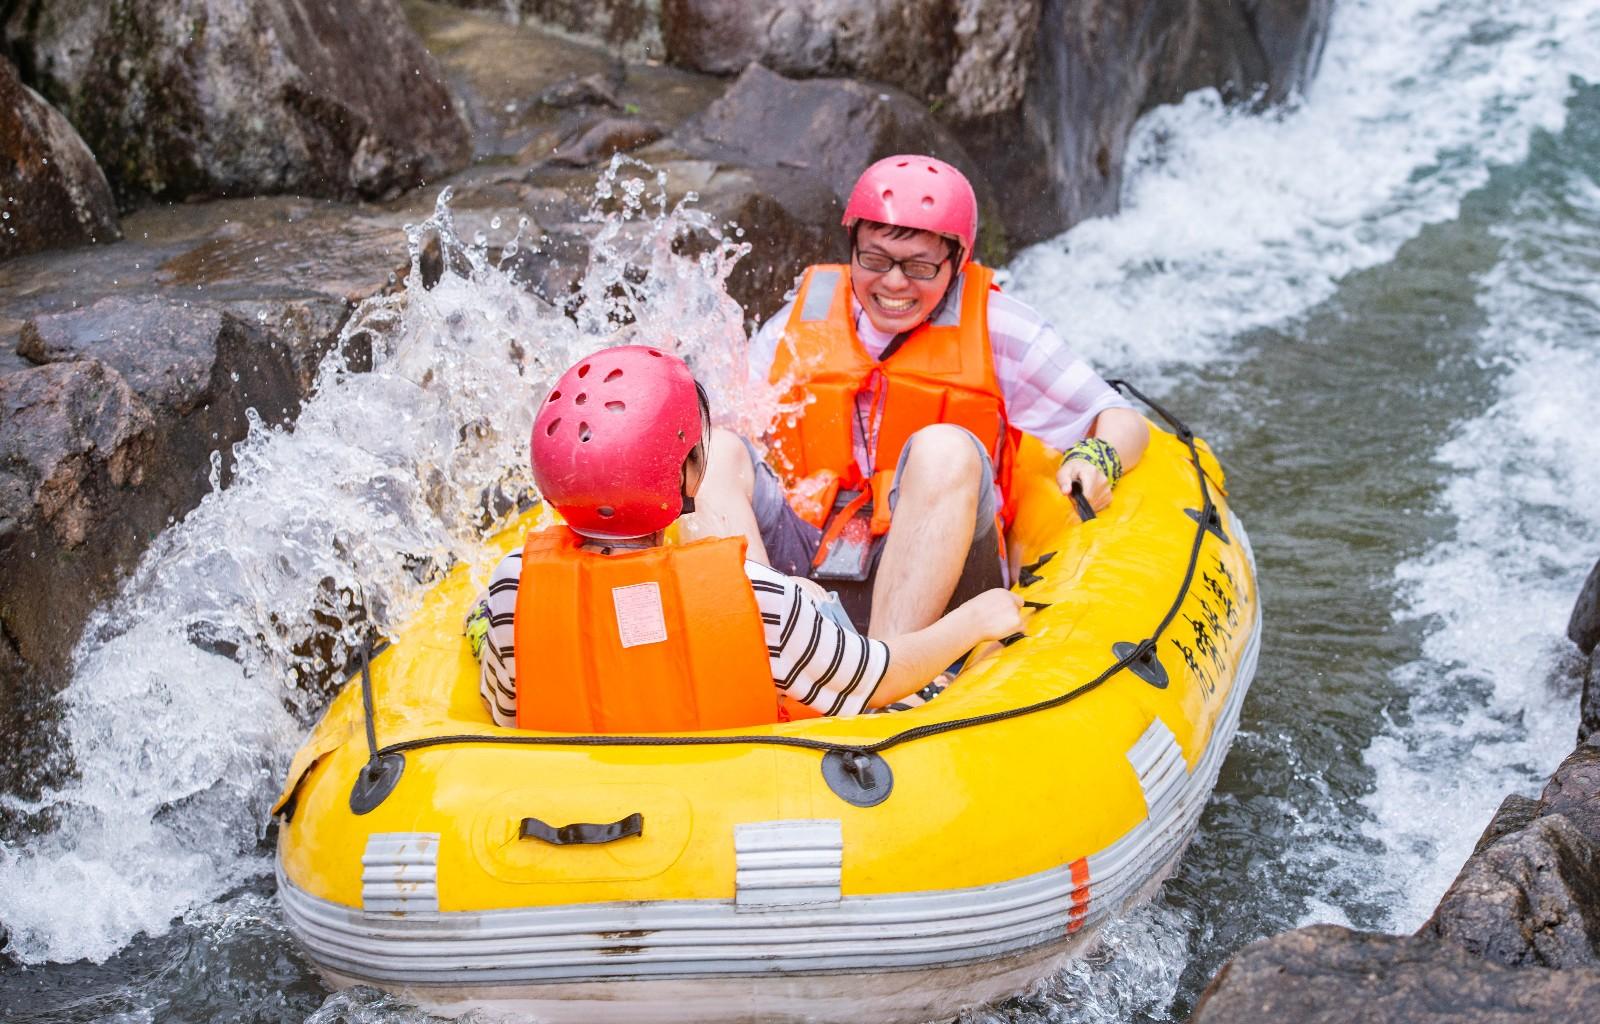 【11周年,我的旅行故事】2019年夏天的第一份清凉,桐庐虎啸峡漂流,游客全成表情包